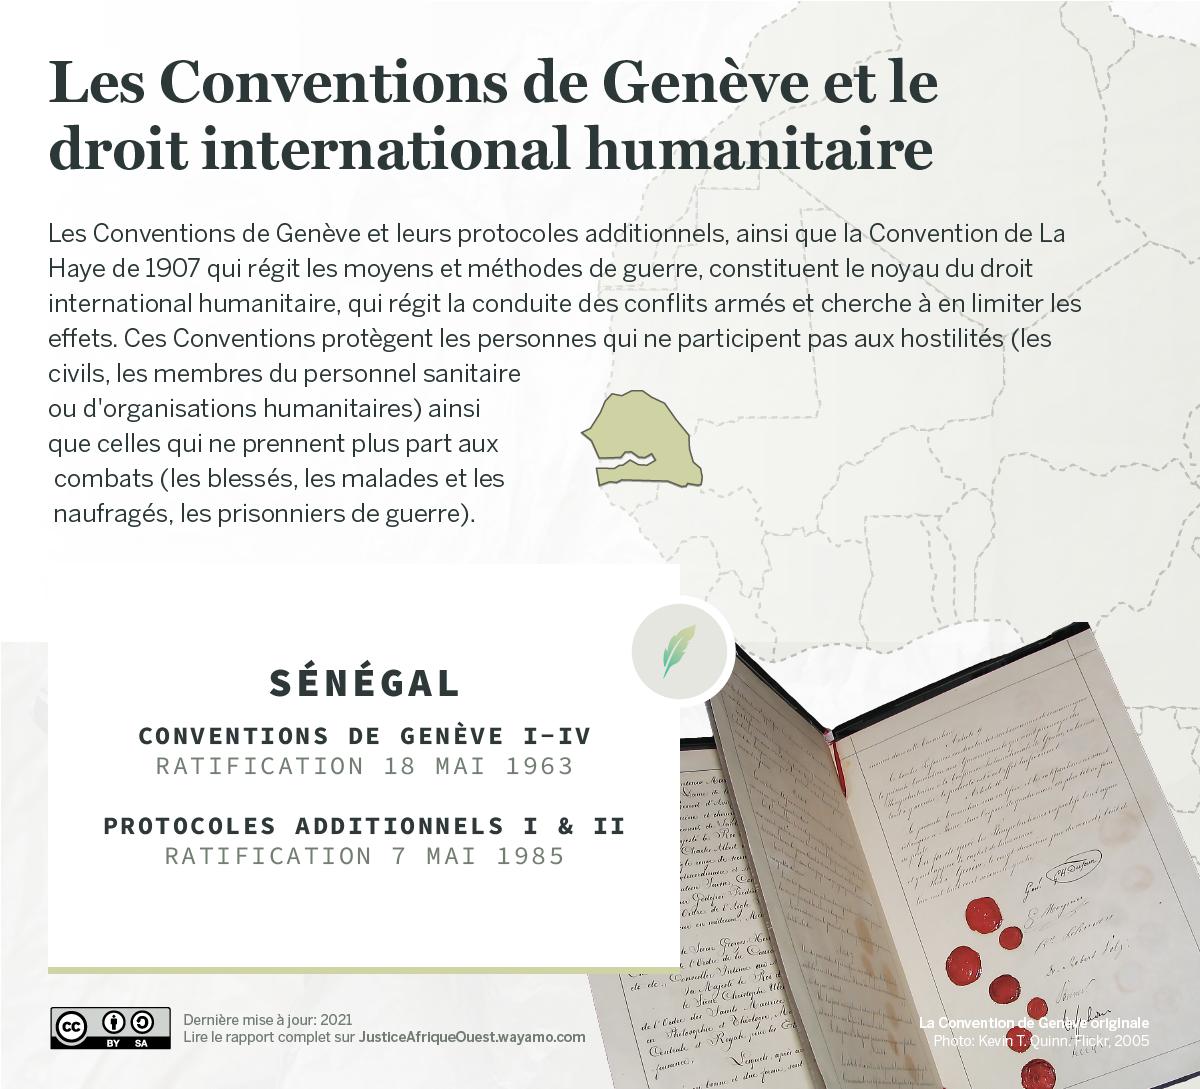 SENEGAL_Conventions de Genève - Wayamo Foundation (CC BY-SA 4.0)